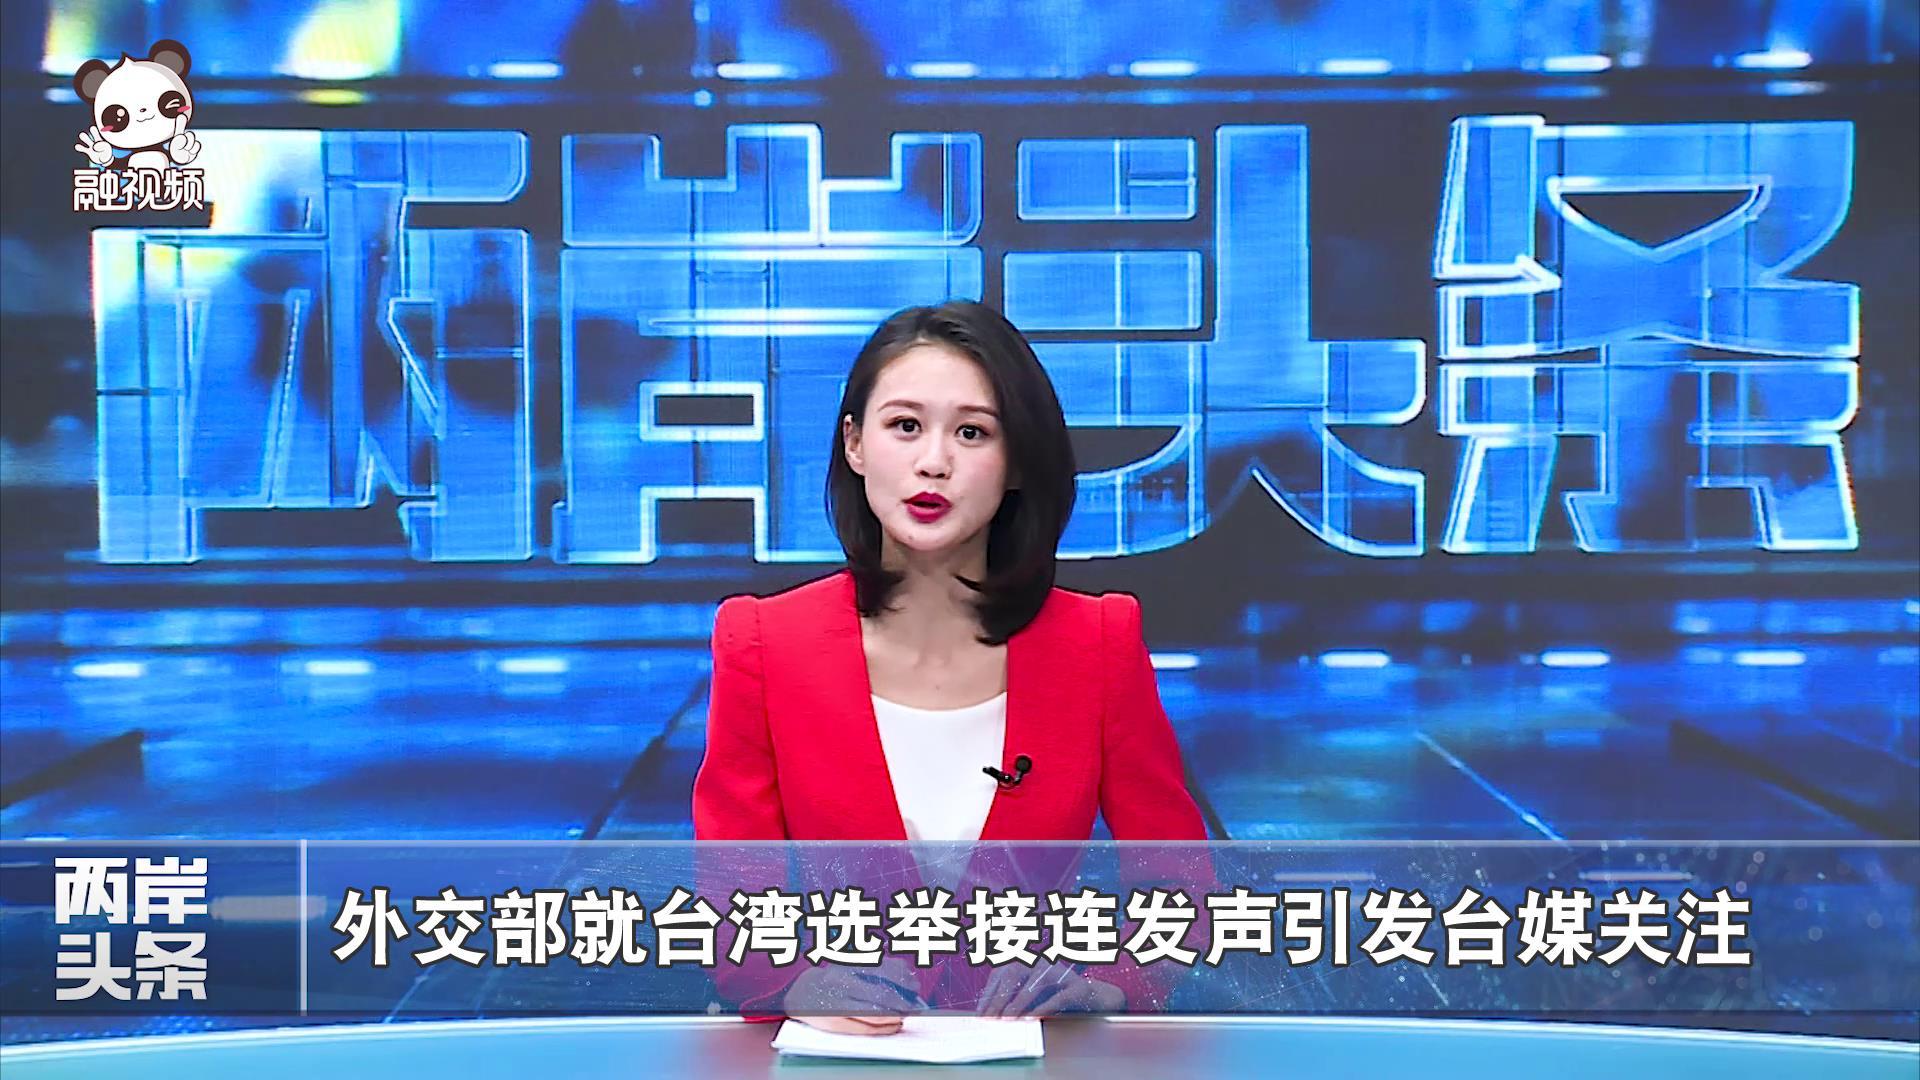 外交部就臺選舉兩度發聲 藍營將審臺當局2萬億預算